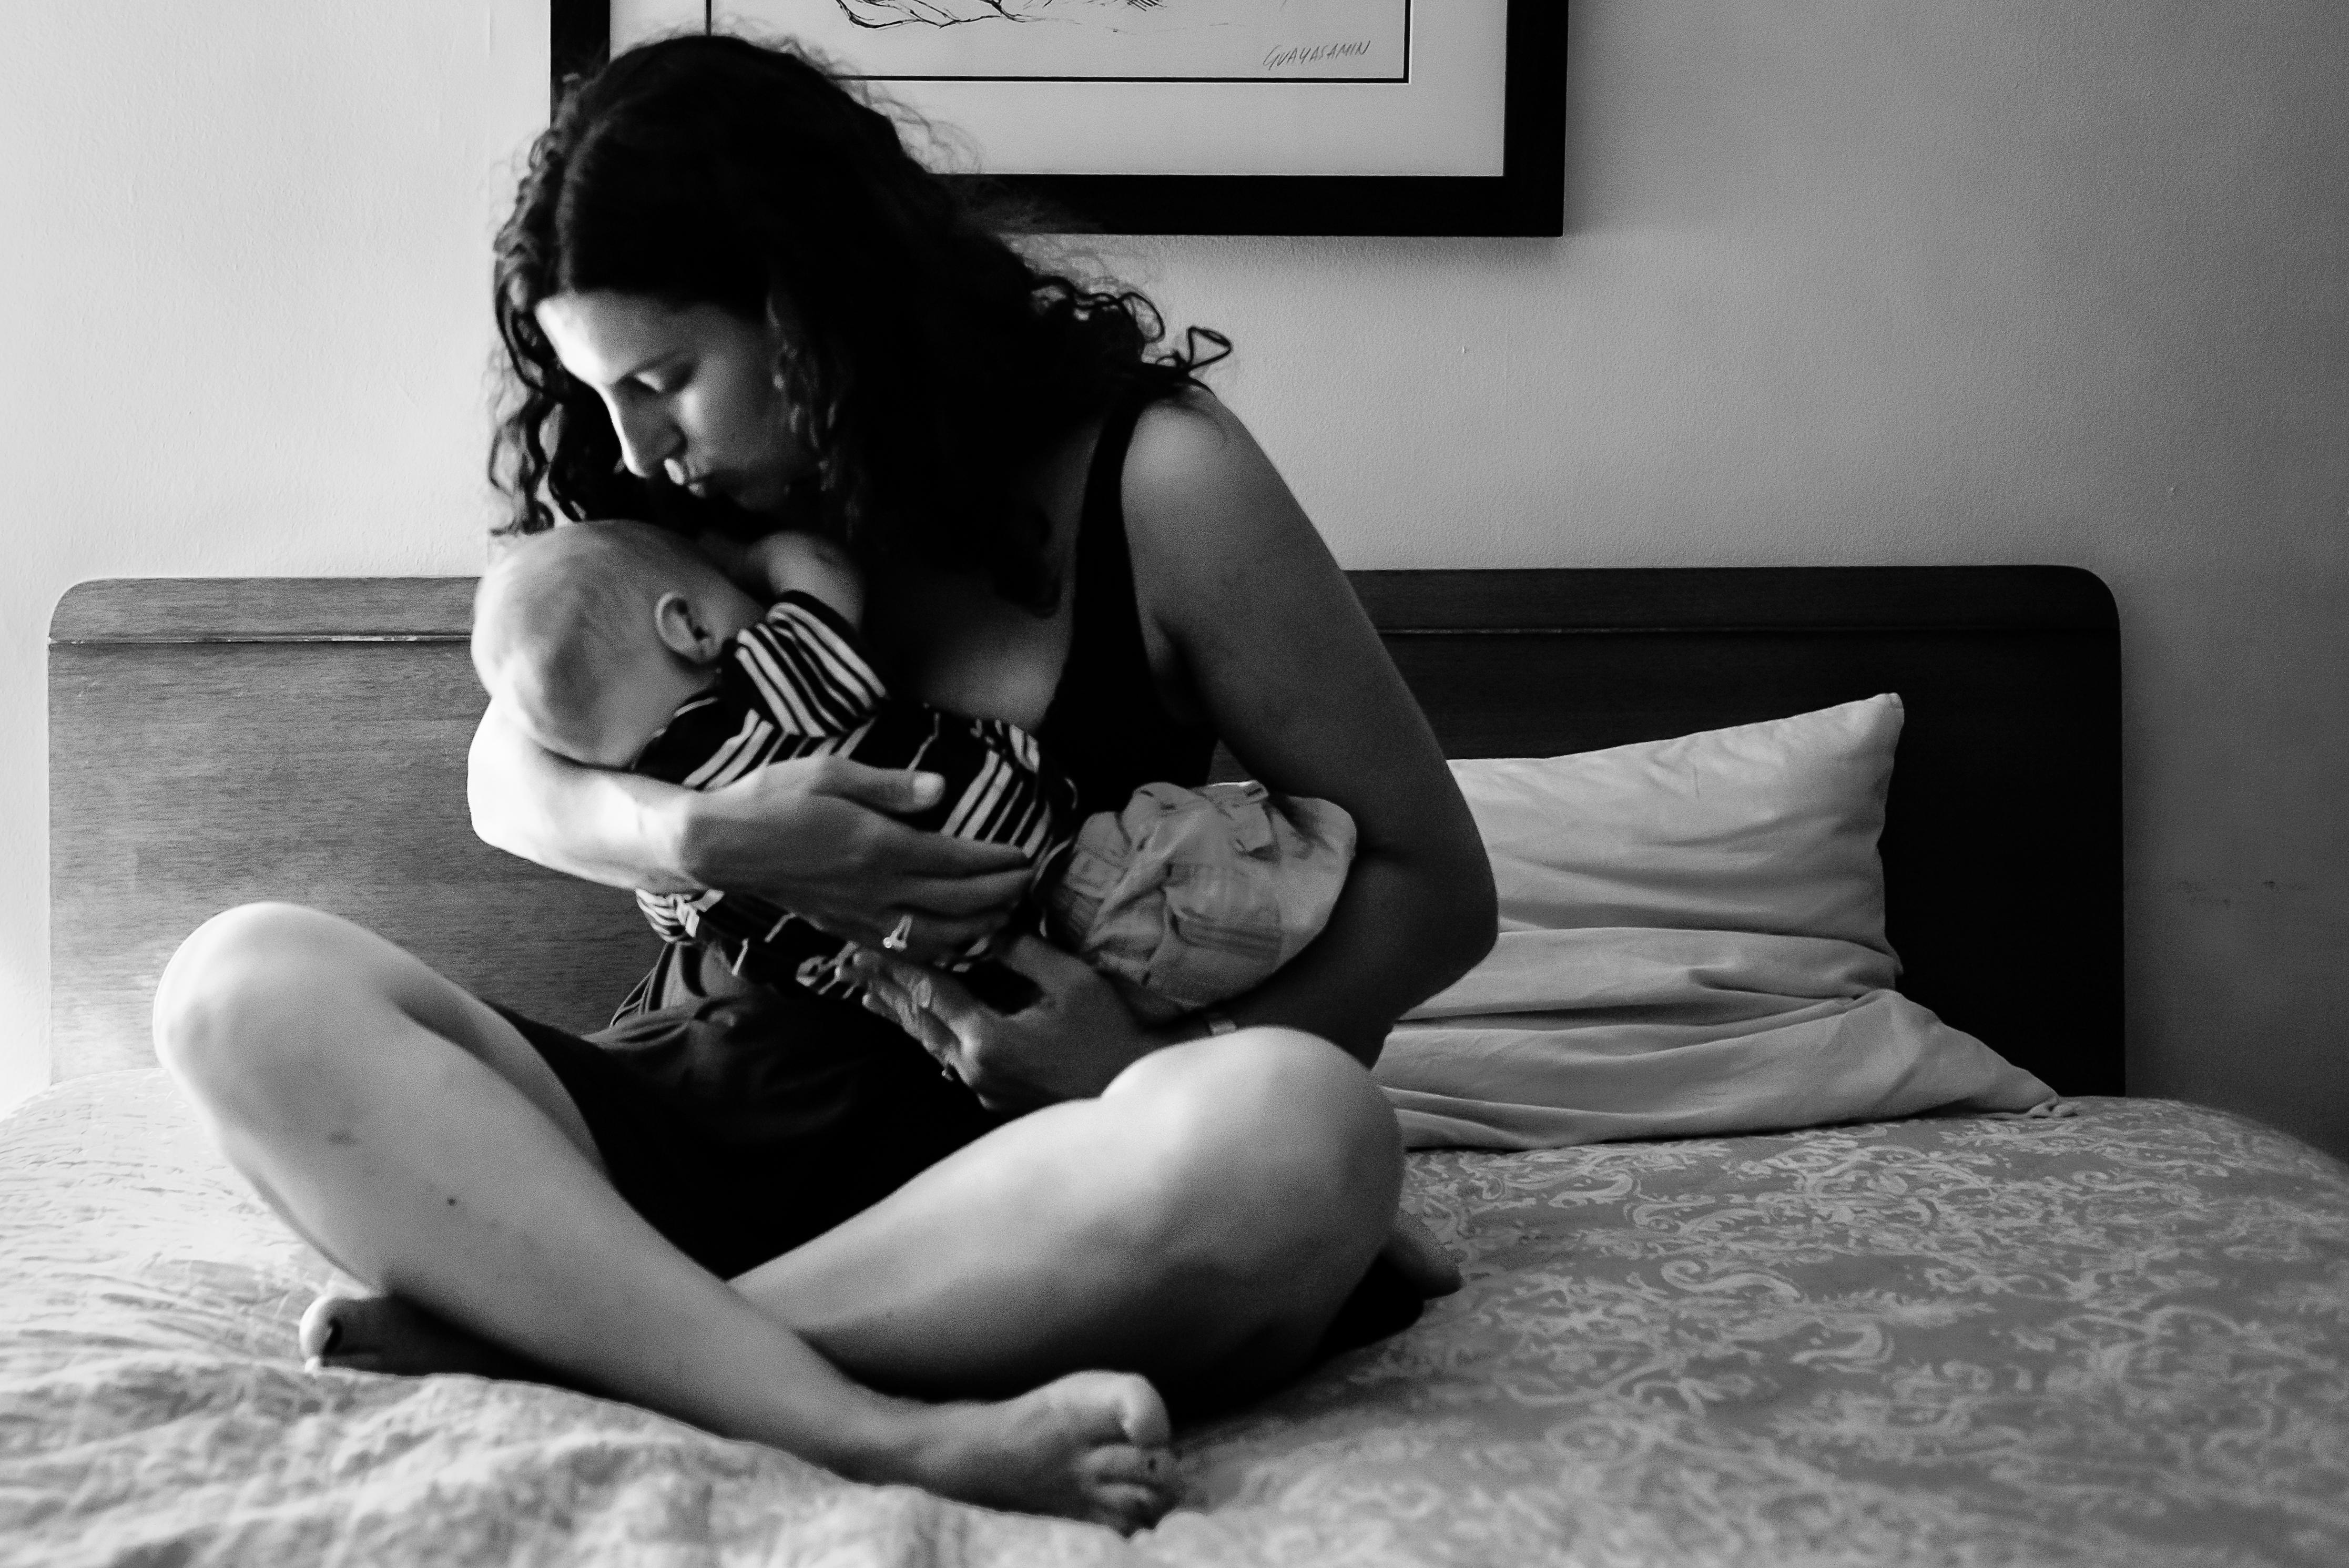 2016-02-01-1454355443-930308-breastfeedingsm.jpg